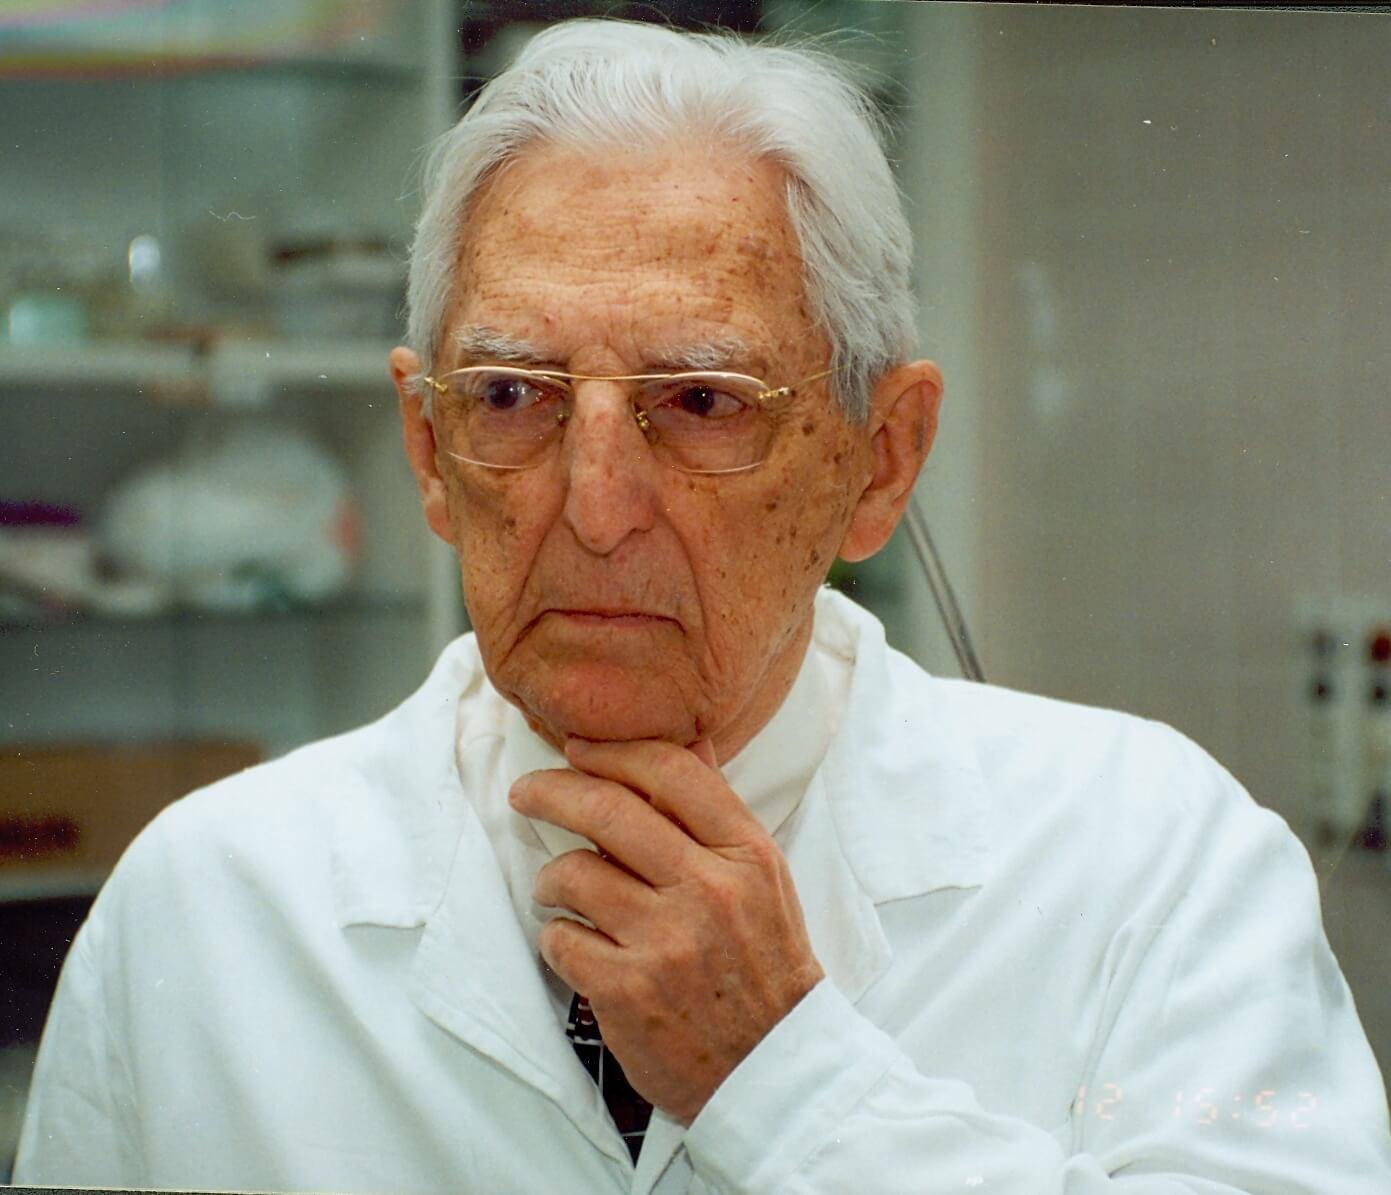 Howard W  Jones Jr , Pioneer in Reproductive Medicine, Dies